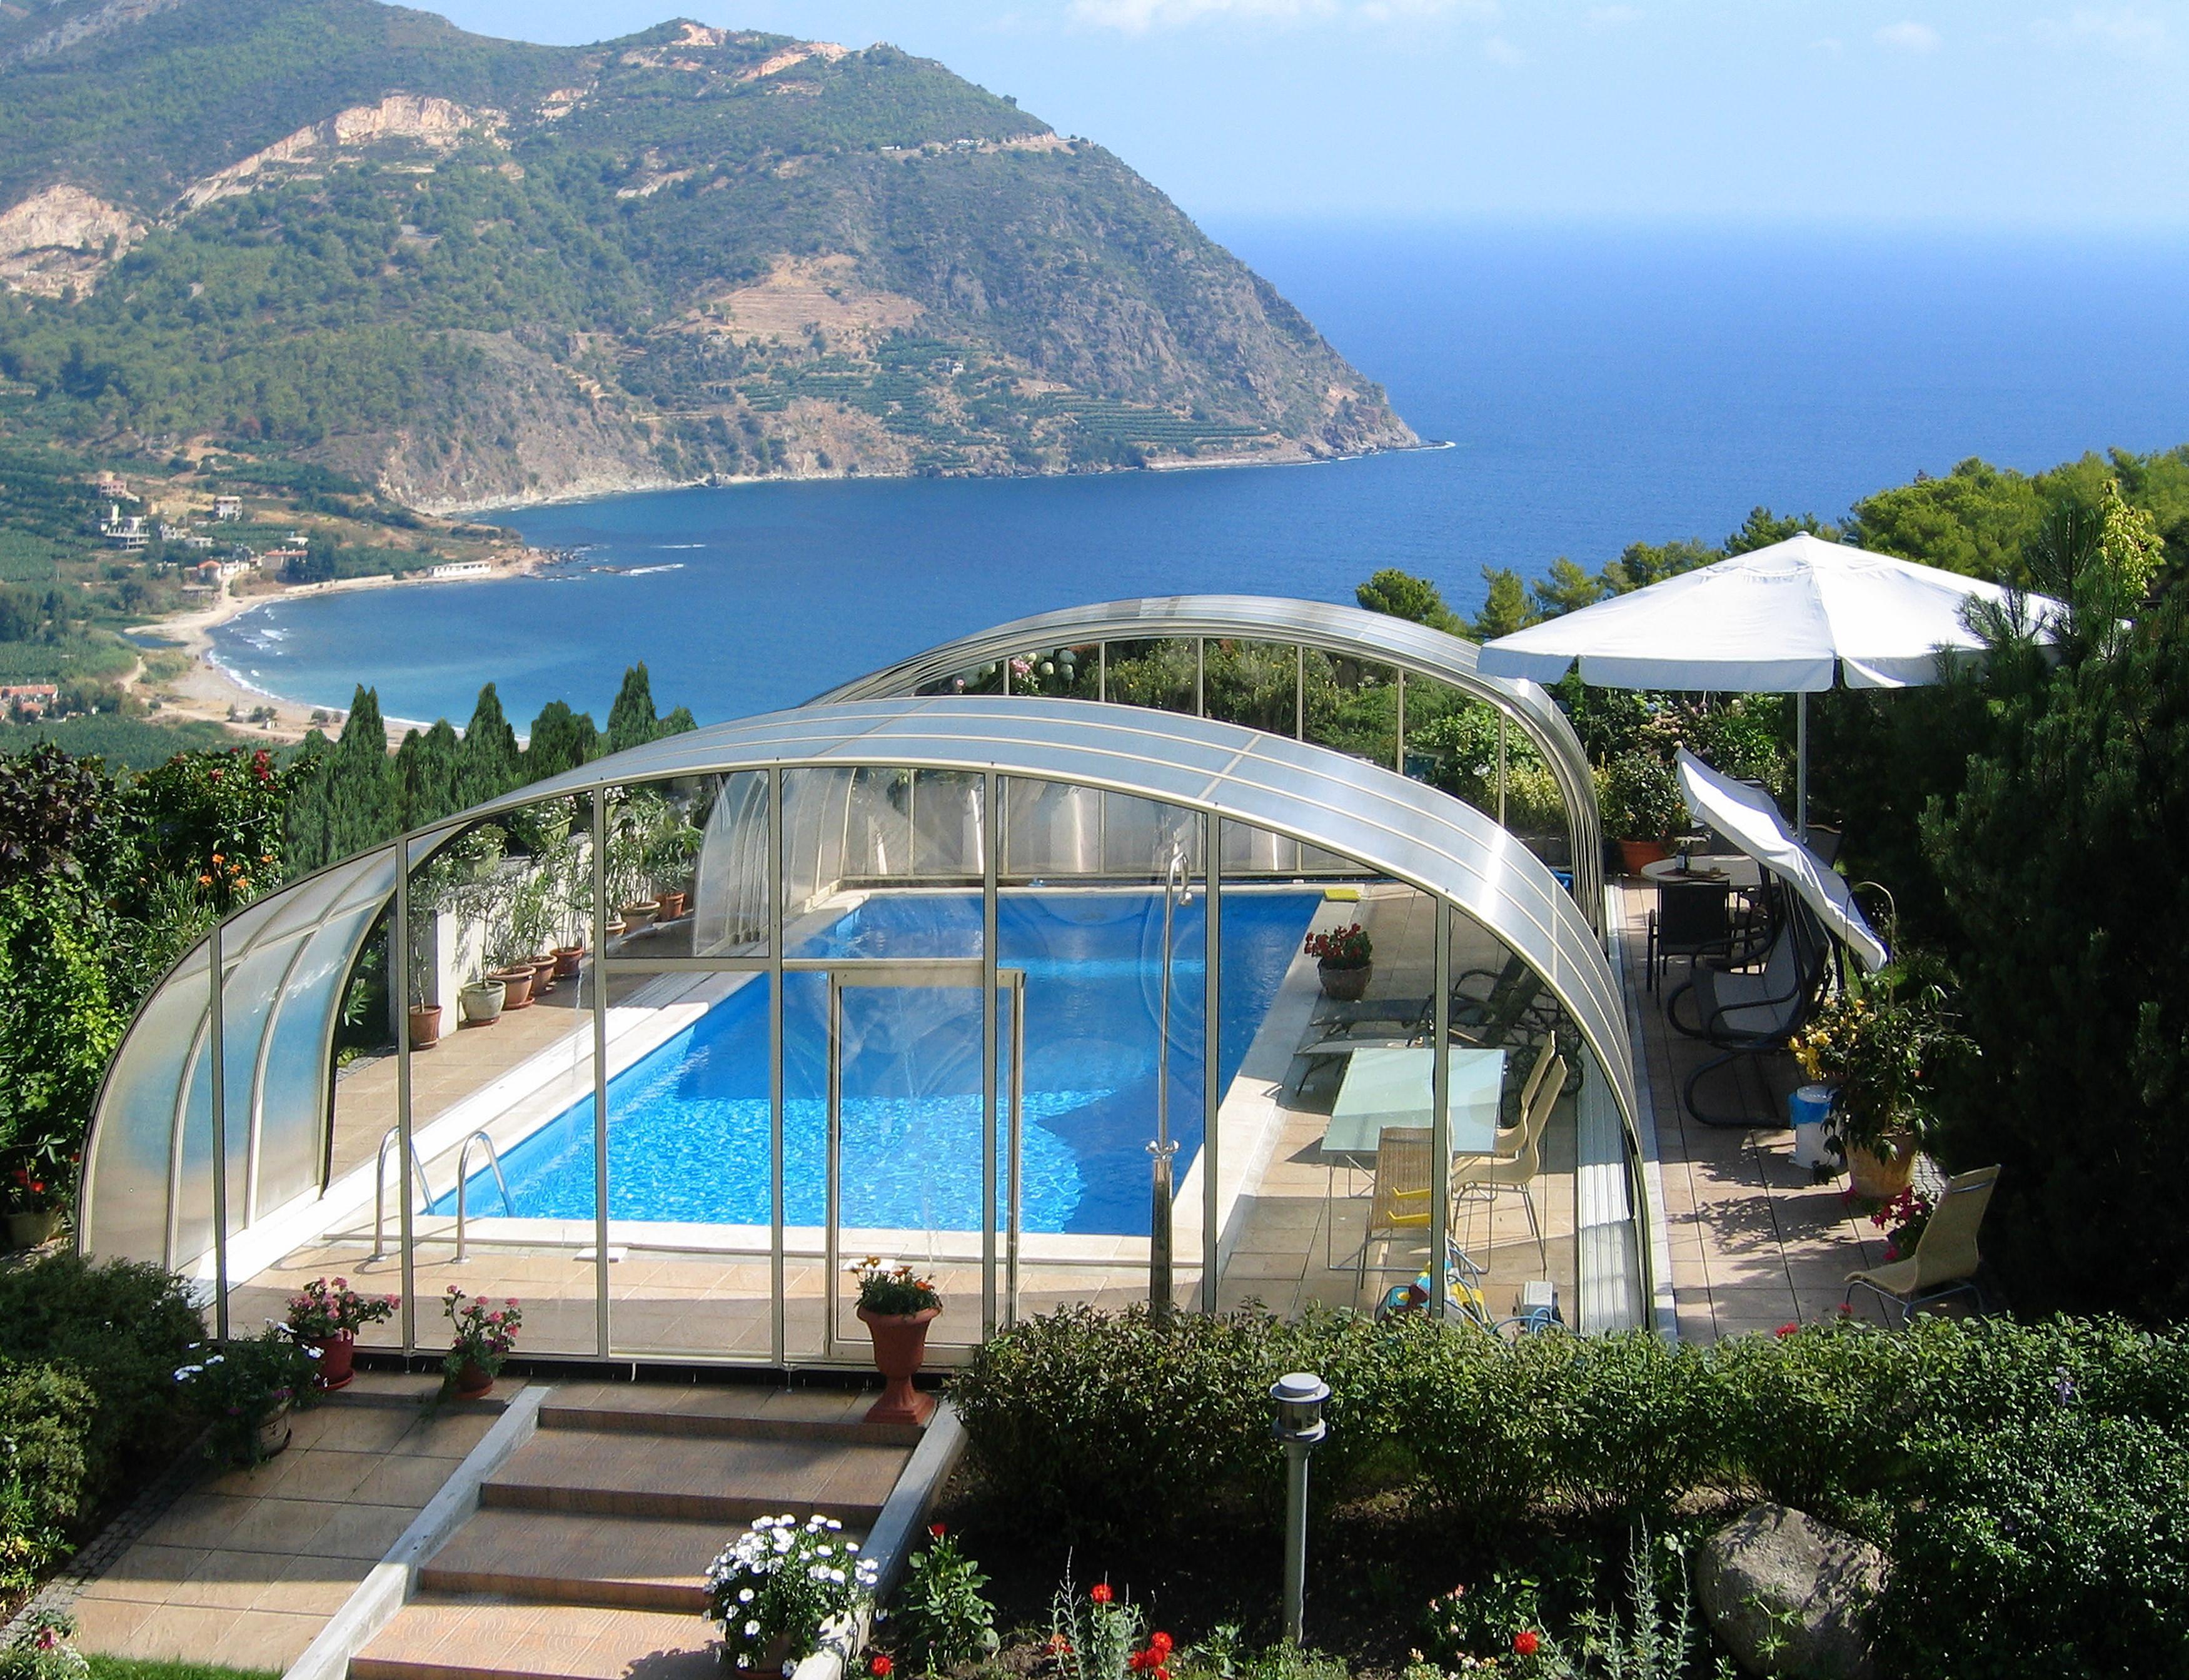 das Bild zeigt einen großen Swimming Pool mit halb aufgeschobener Überdachung und mit Blick aufs Meer